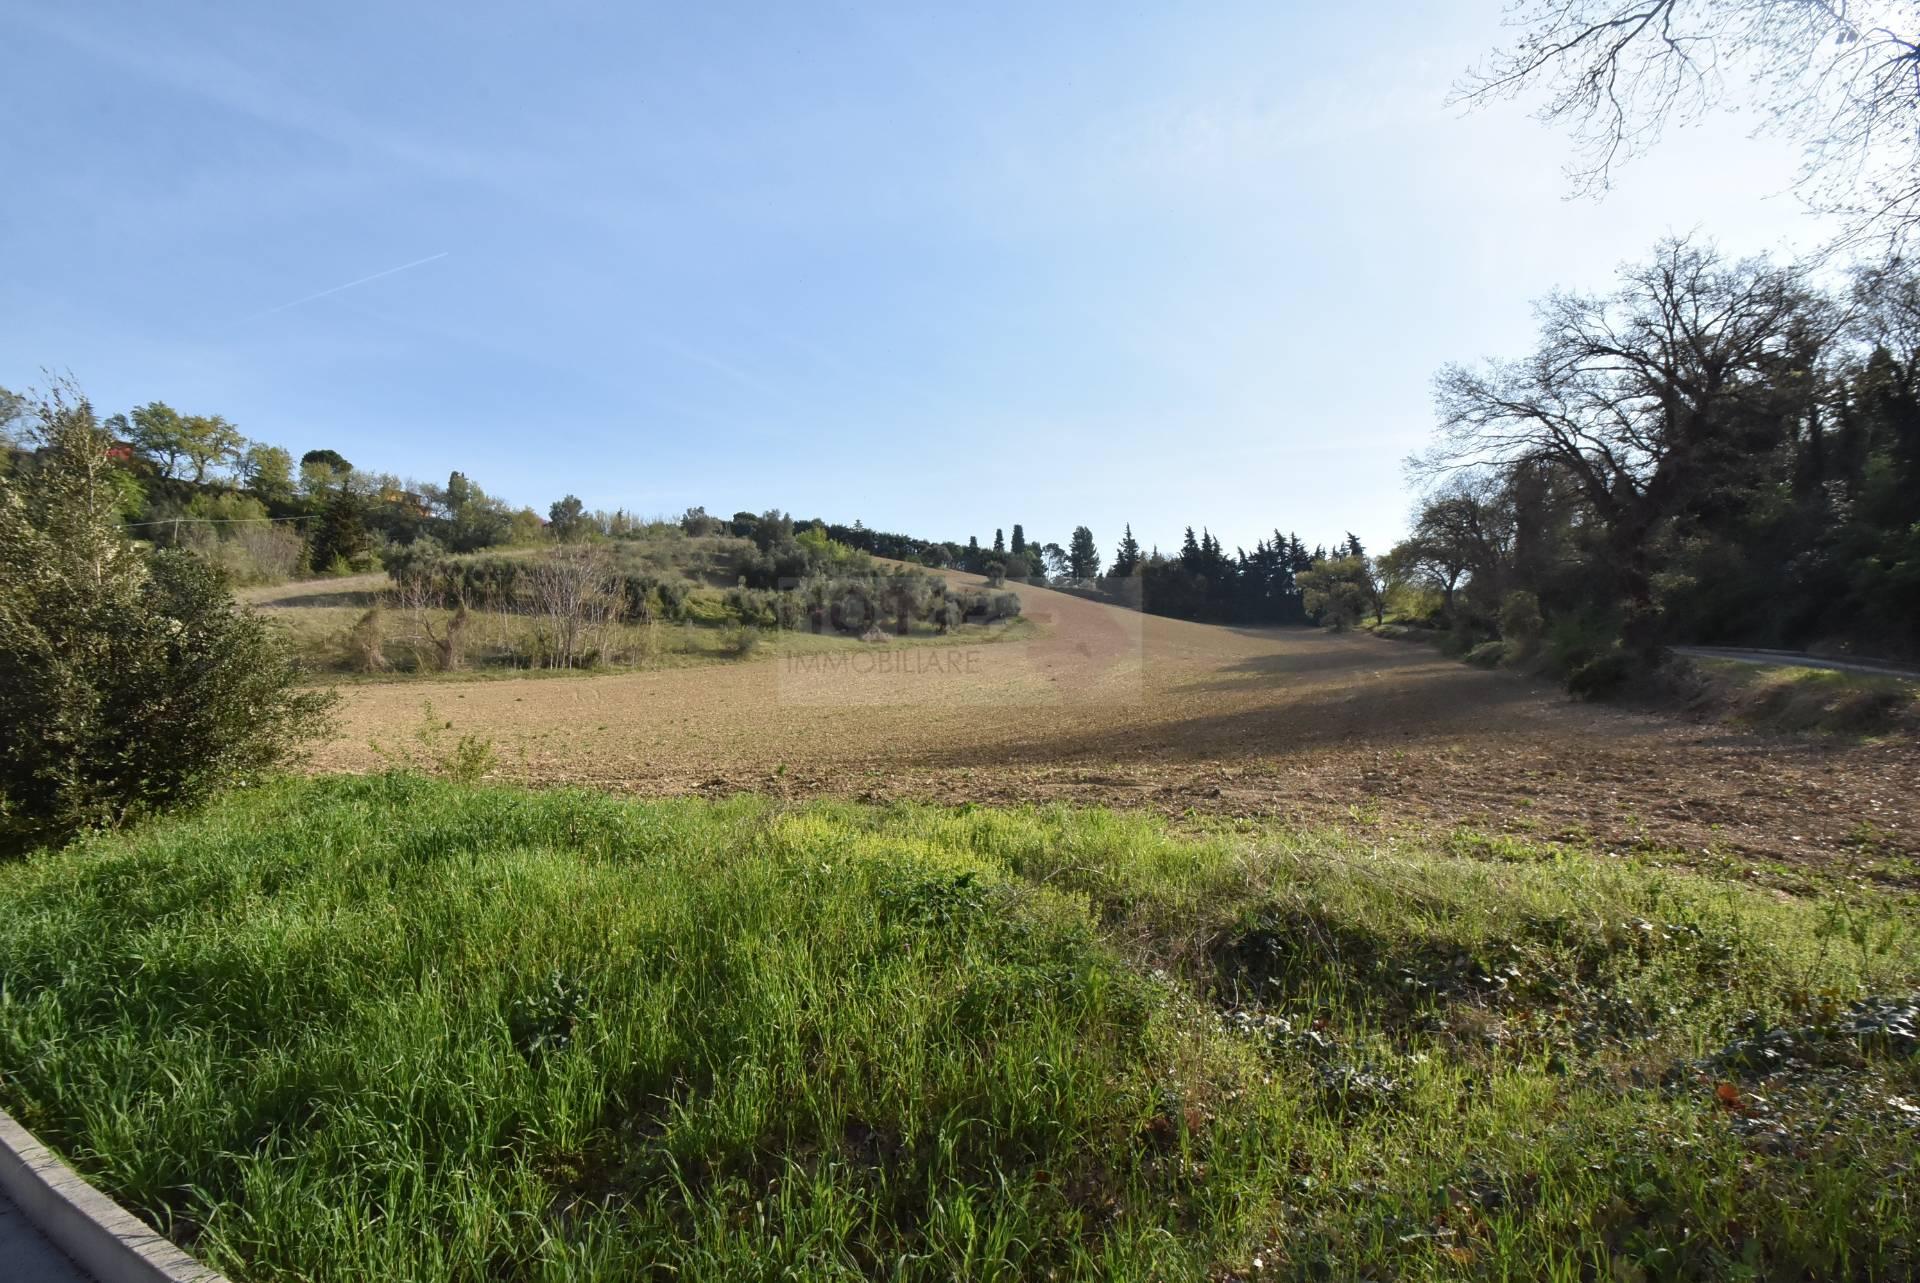 Terreno Agricolo in vendita a Macerata, 9999 locali, zona Zona: Periferia, prezzo € 150.000 | Cambio Casa.it